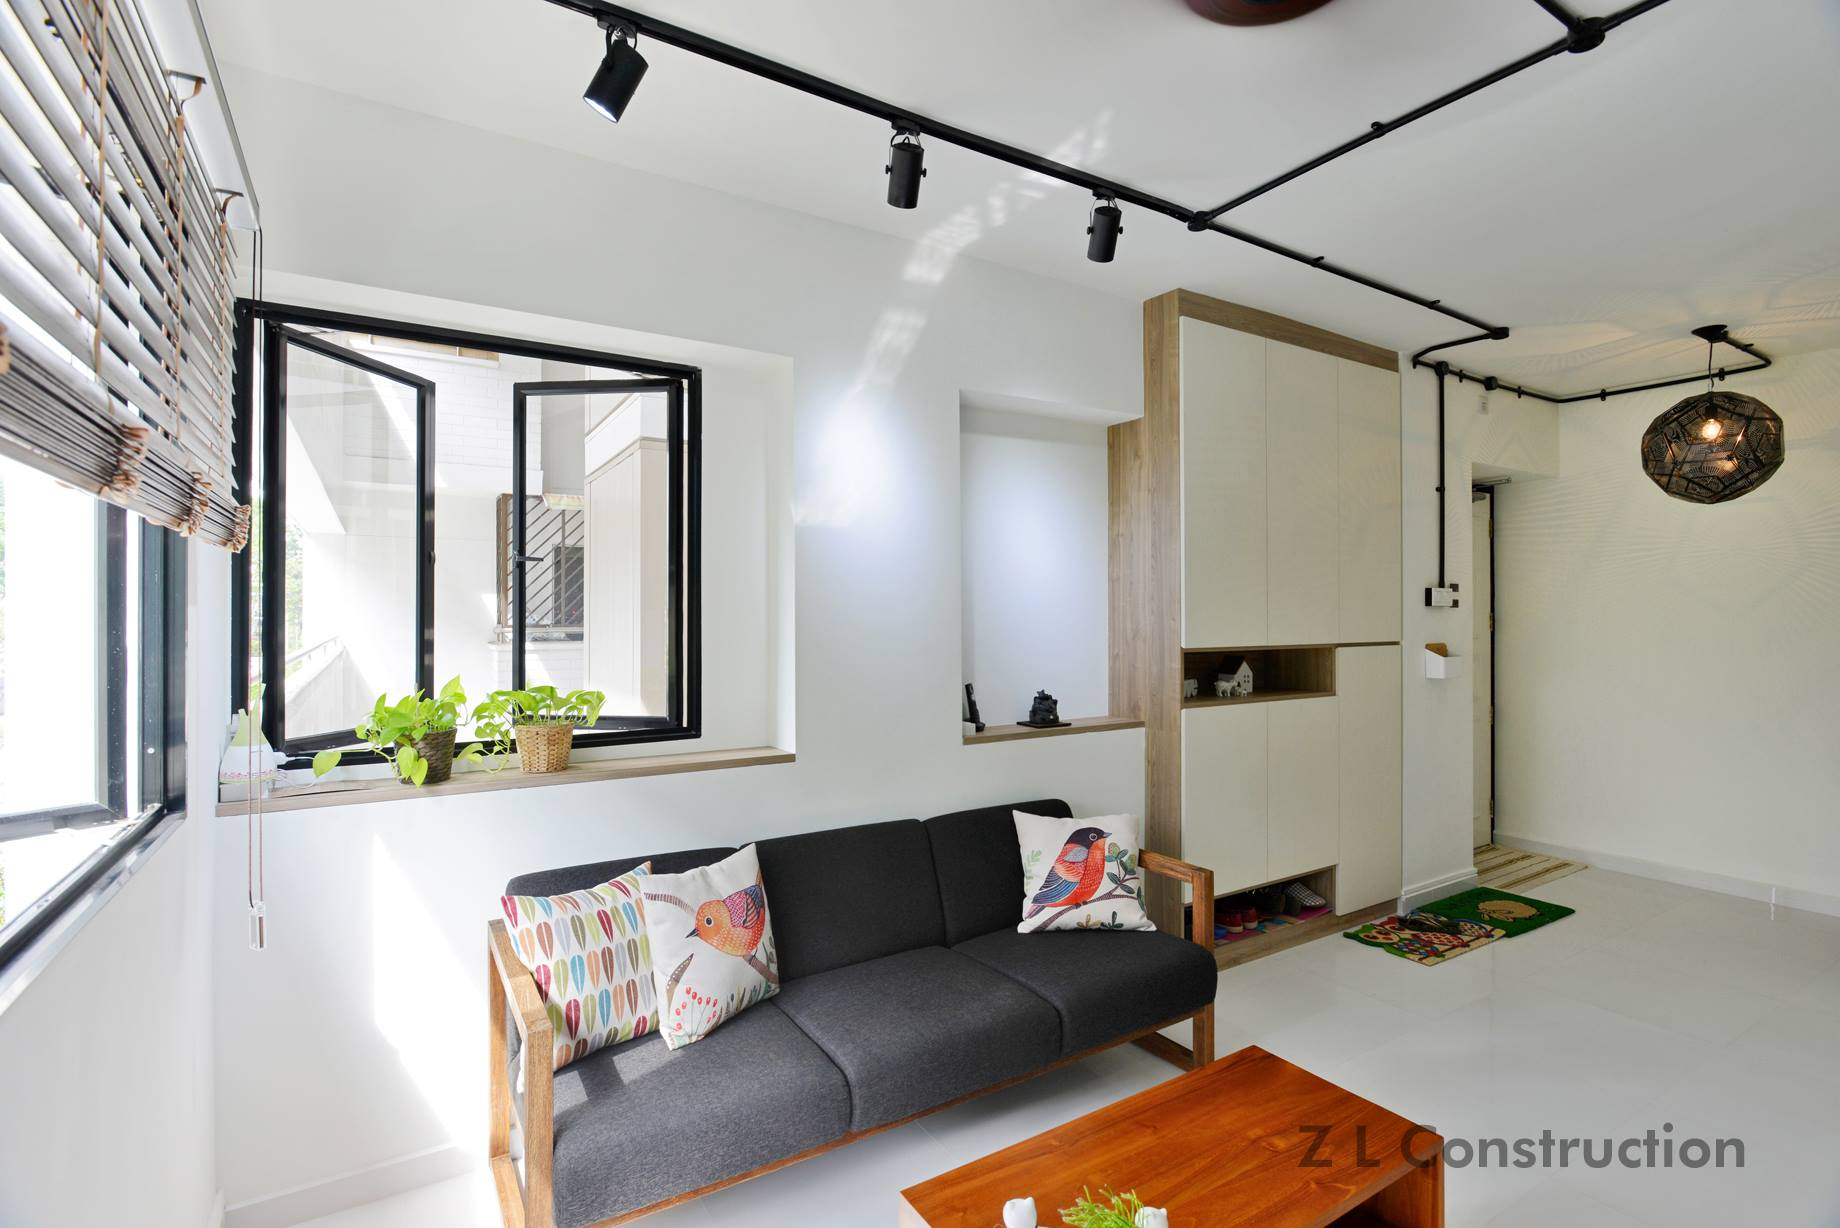 Home room interior design and custom carpentry singapore - What does an interior designer make ...